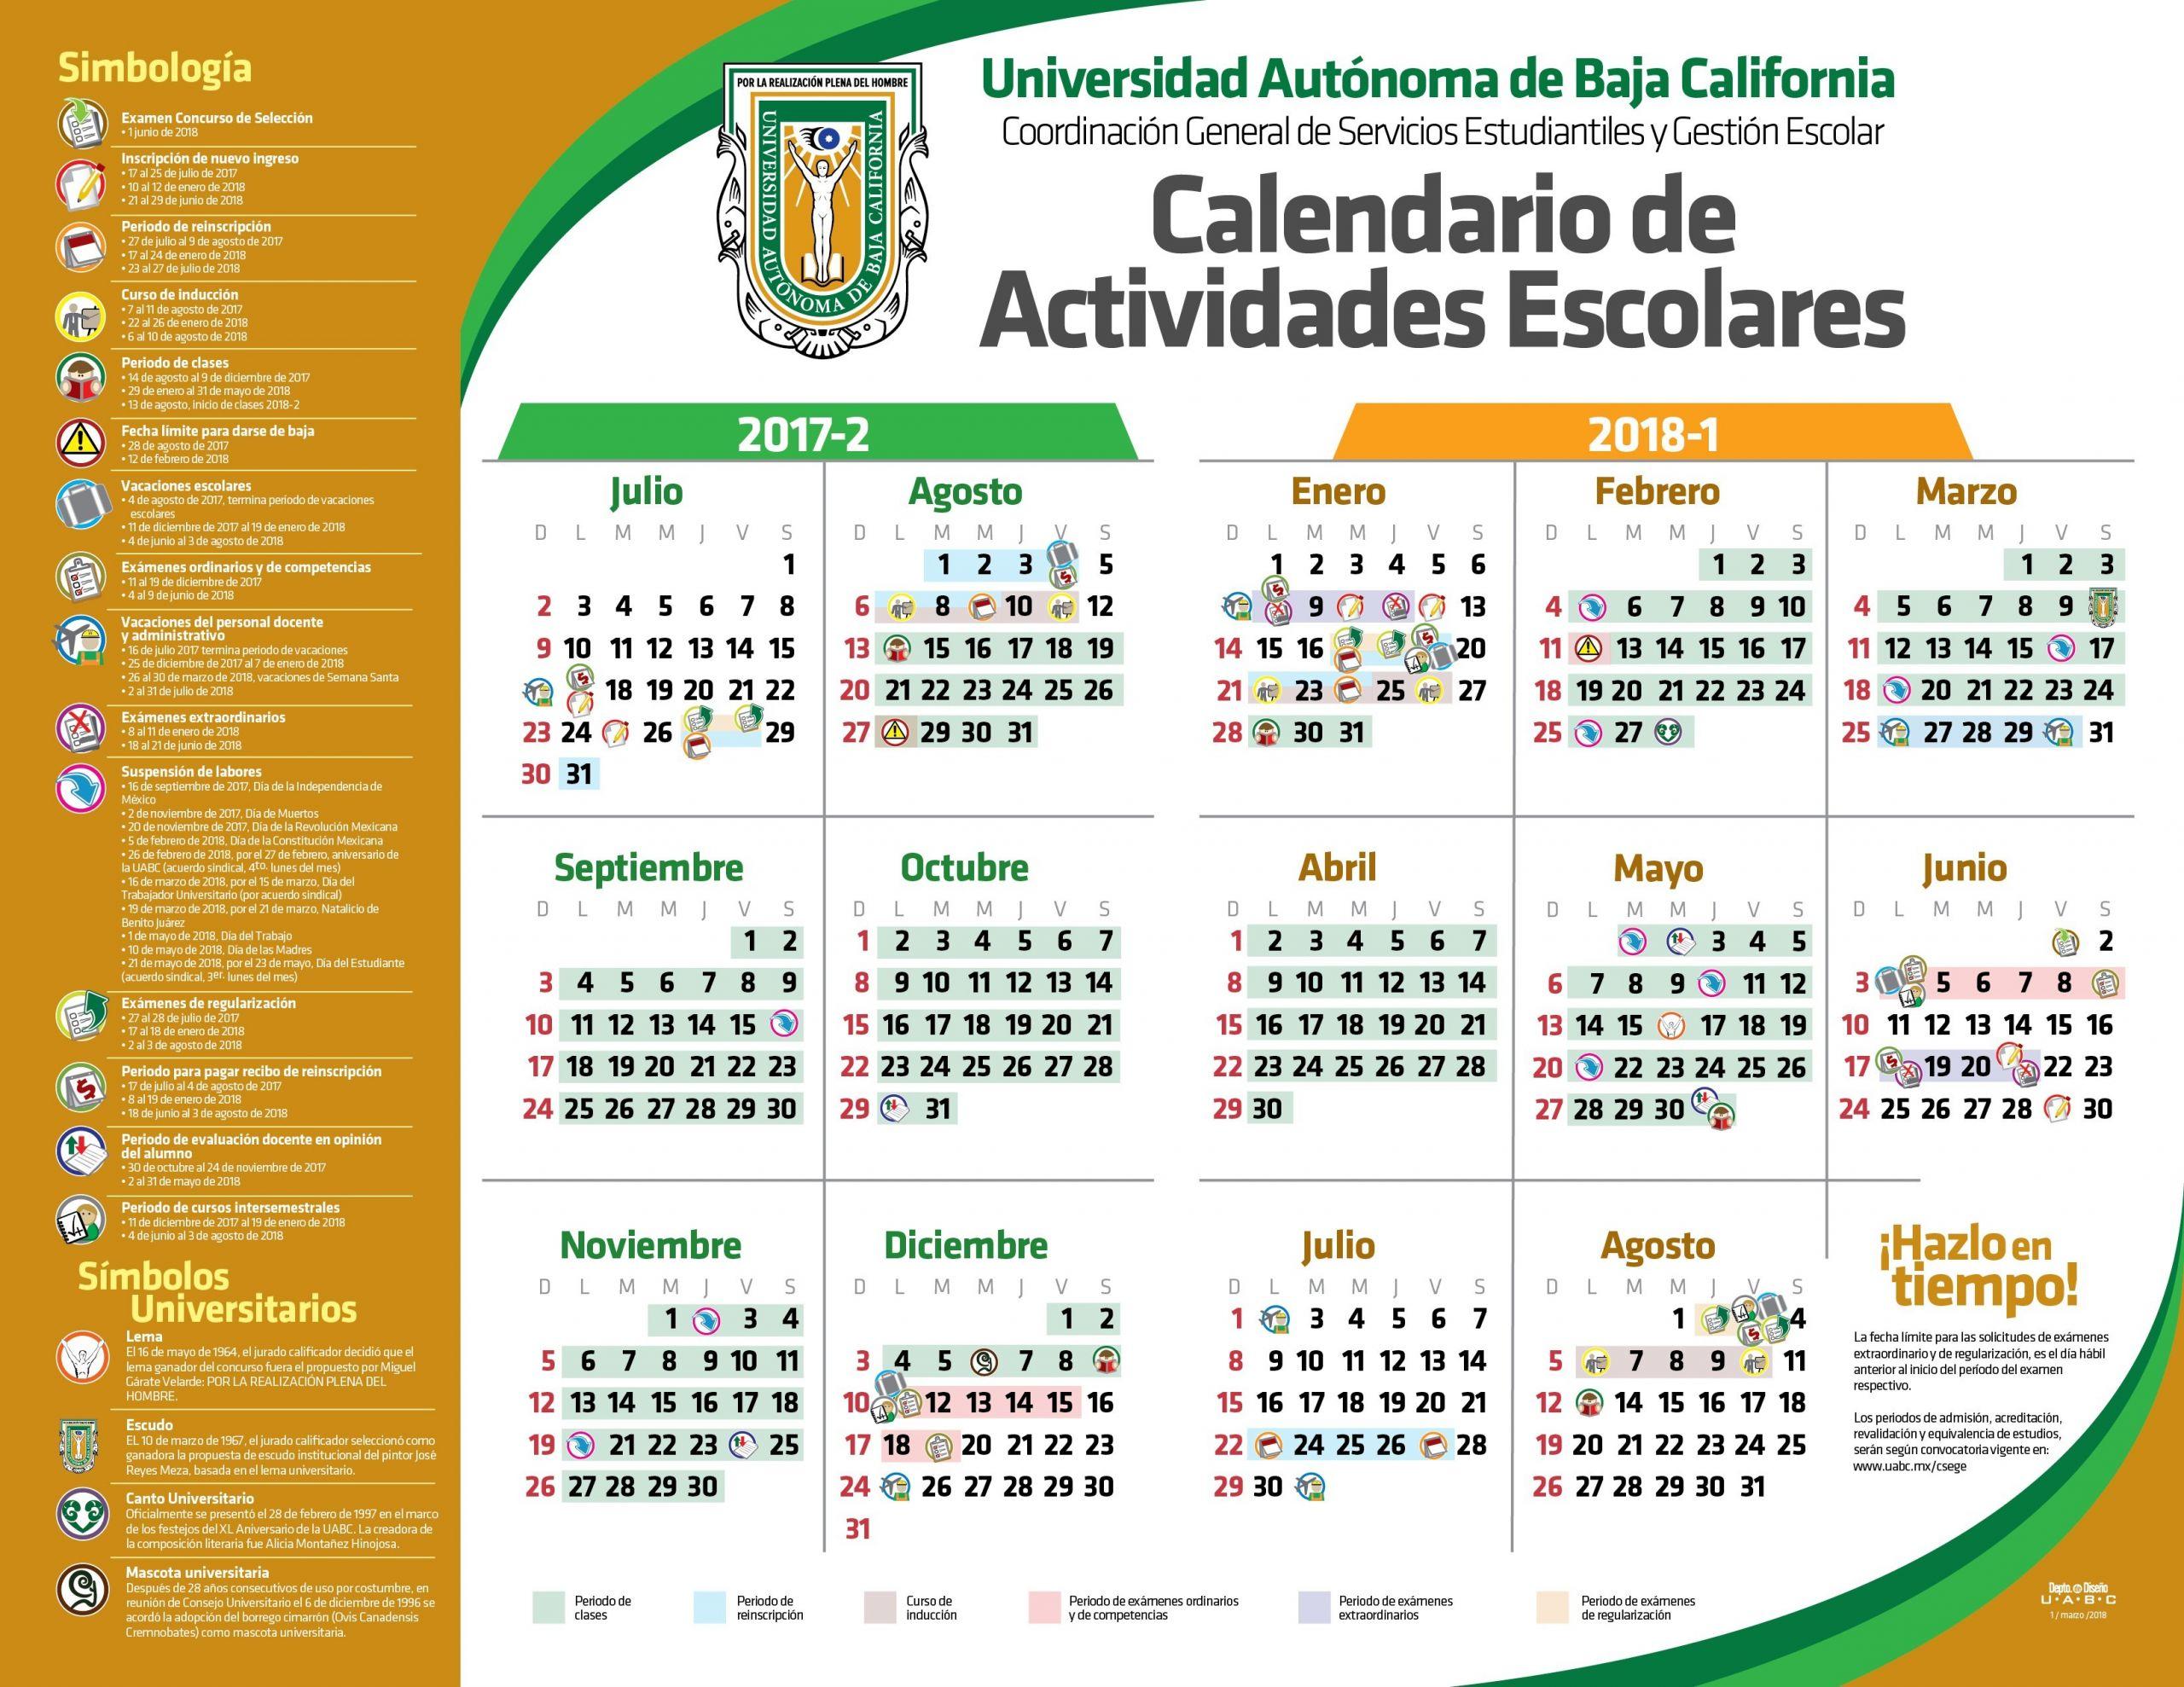 calendario 2020 y sus feriados mas arriba a fecha calendario 2017 4 imagenes educativas wallpaperzen of calendario 2020 y sus feriados